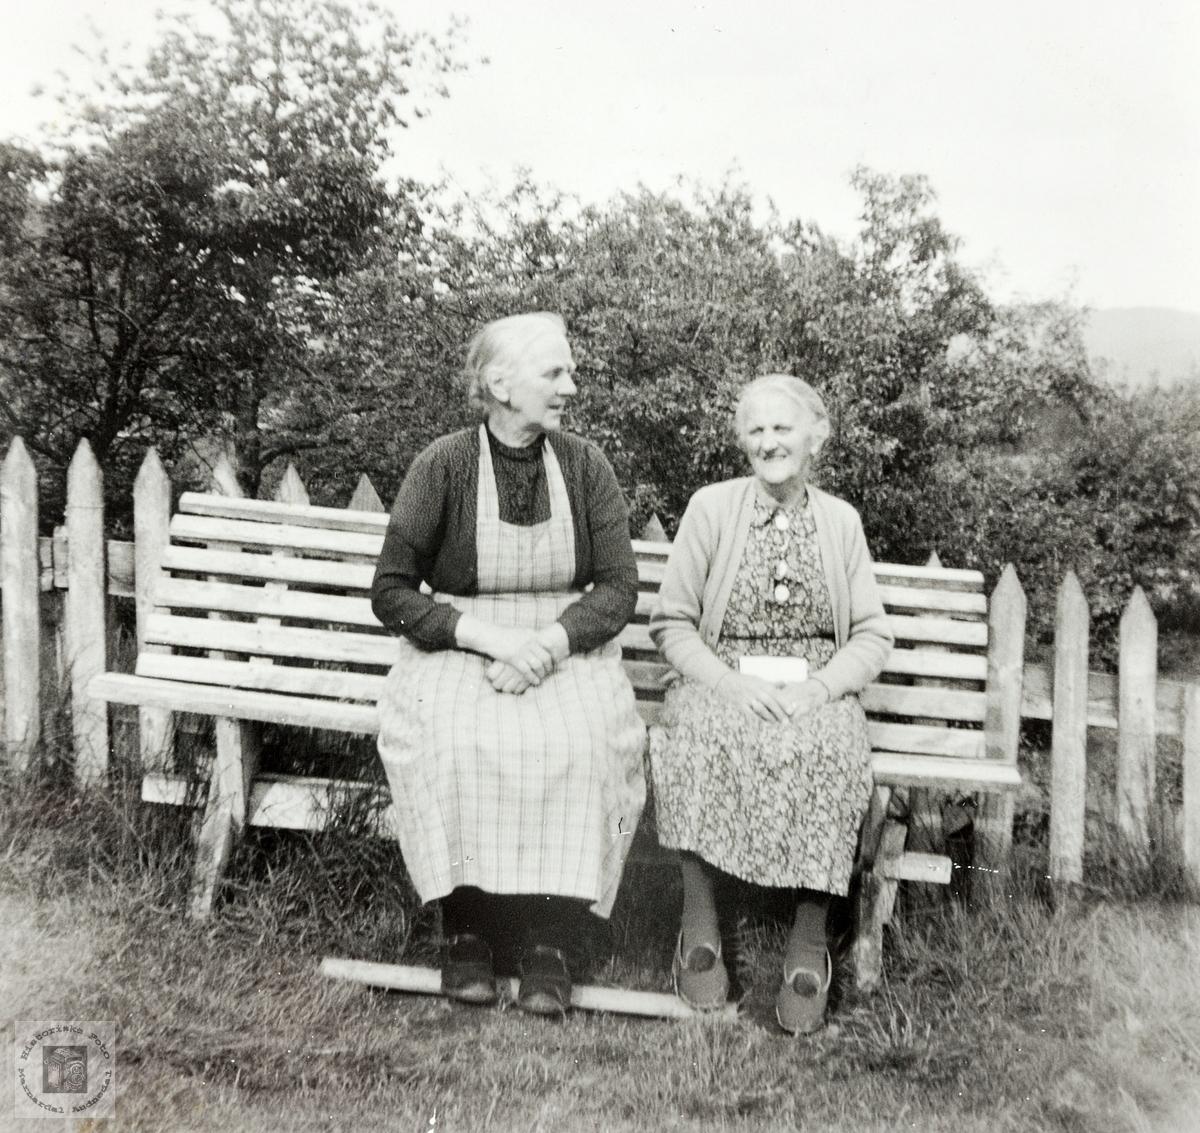 Søsknene Høyland, Grindheim.